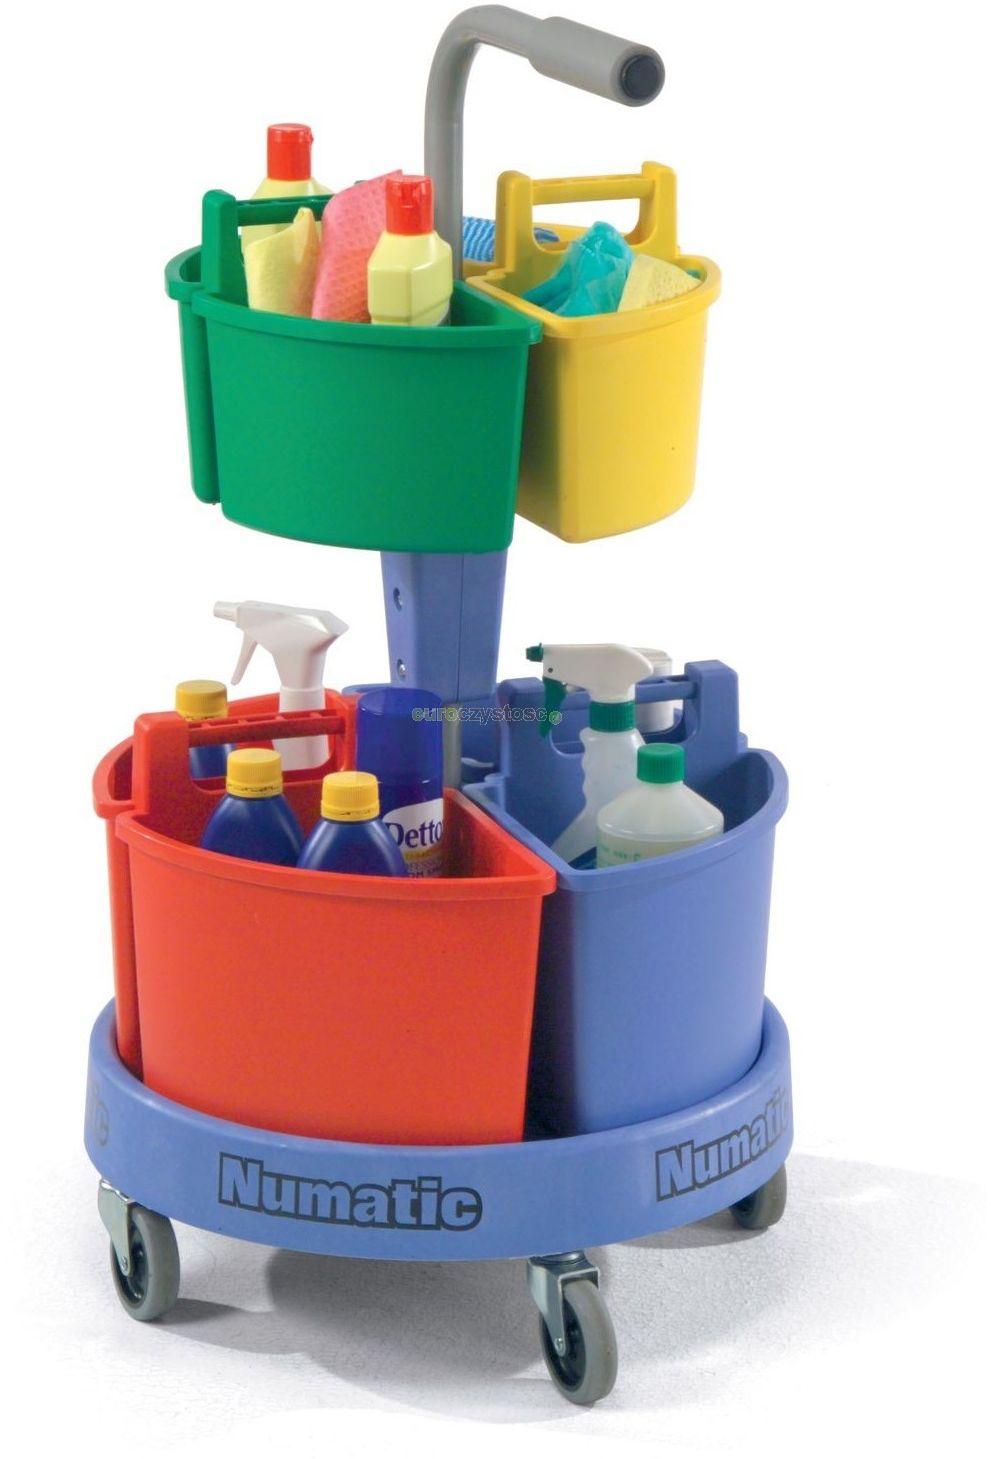 Numatic NC 4 - wózek do sprzątania